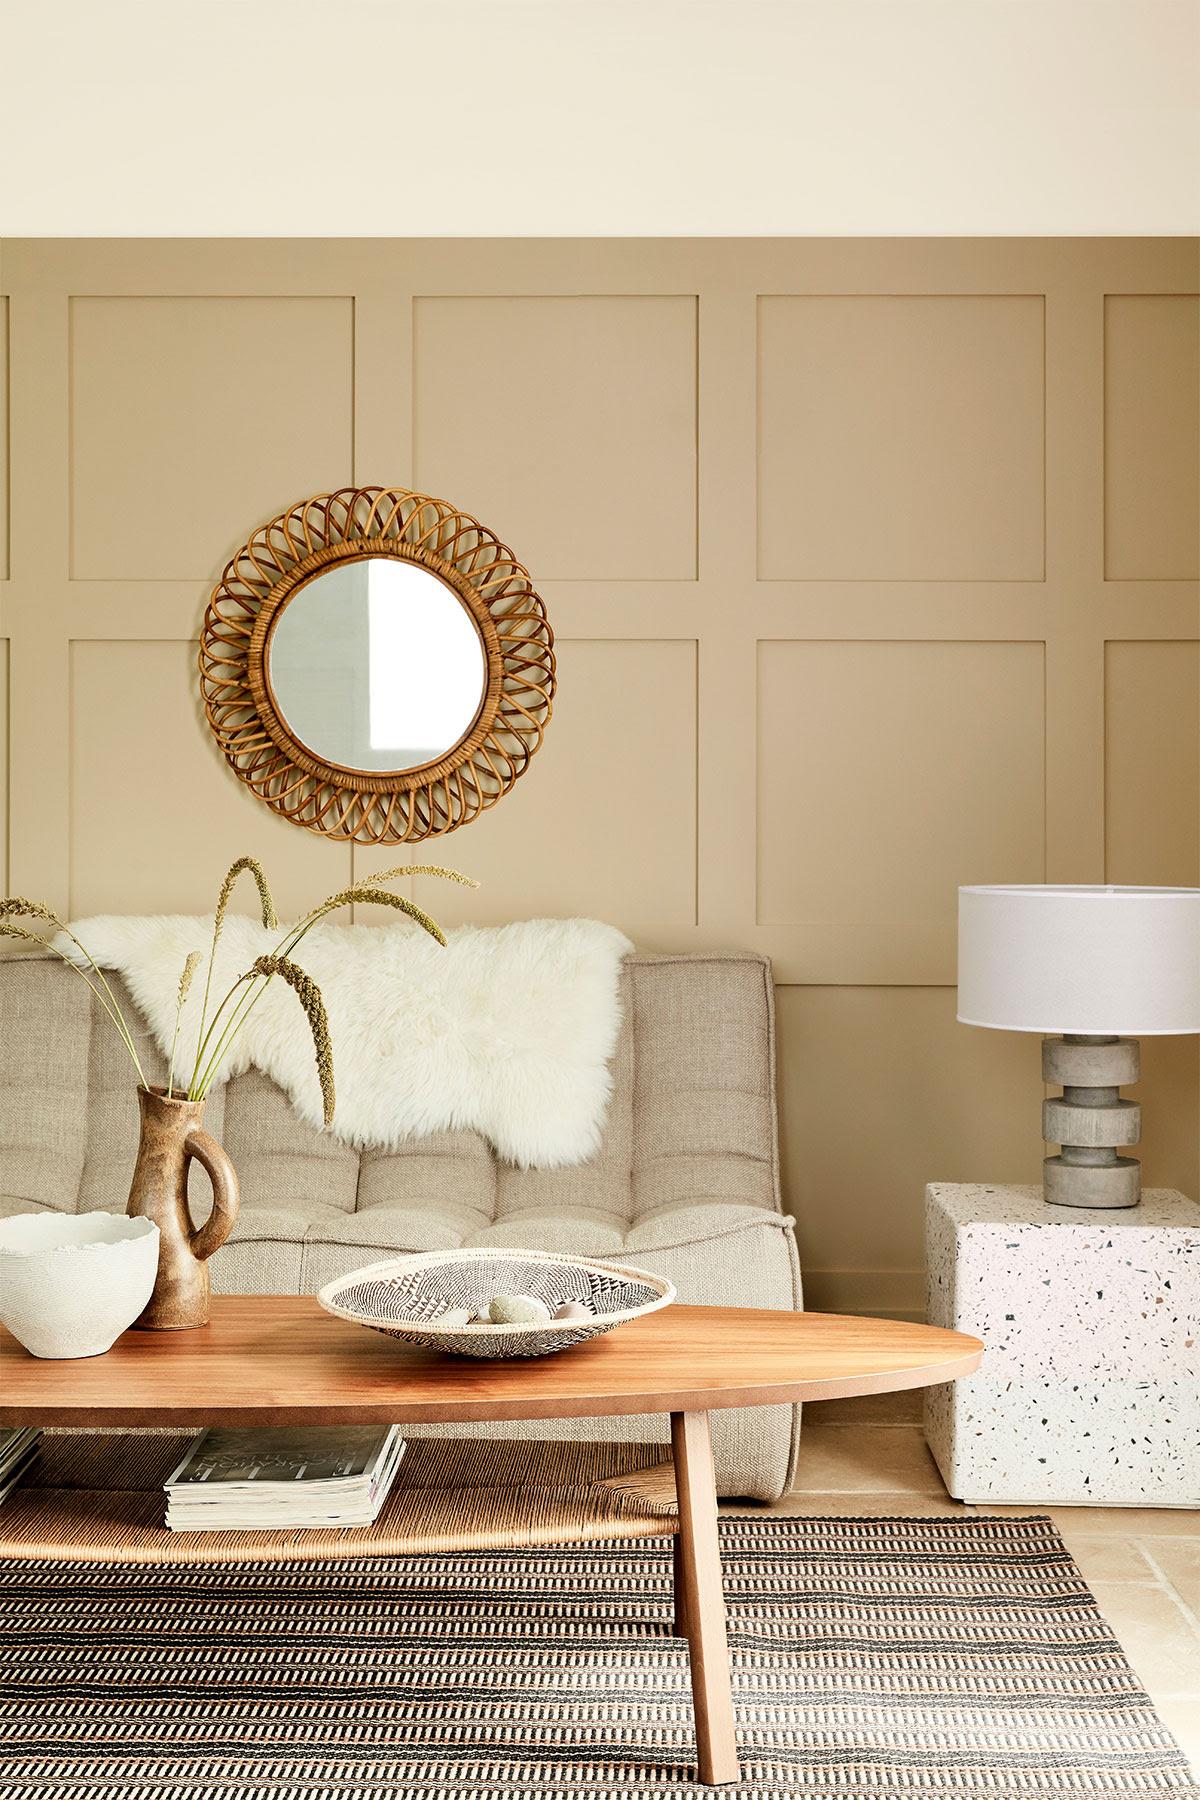 salon nuance de beige little greene slow living - blog déco - clem around the corner